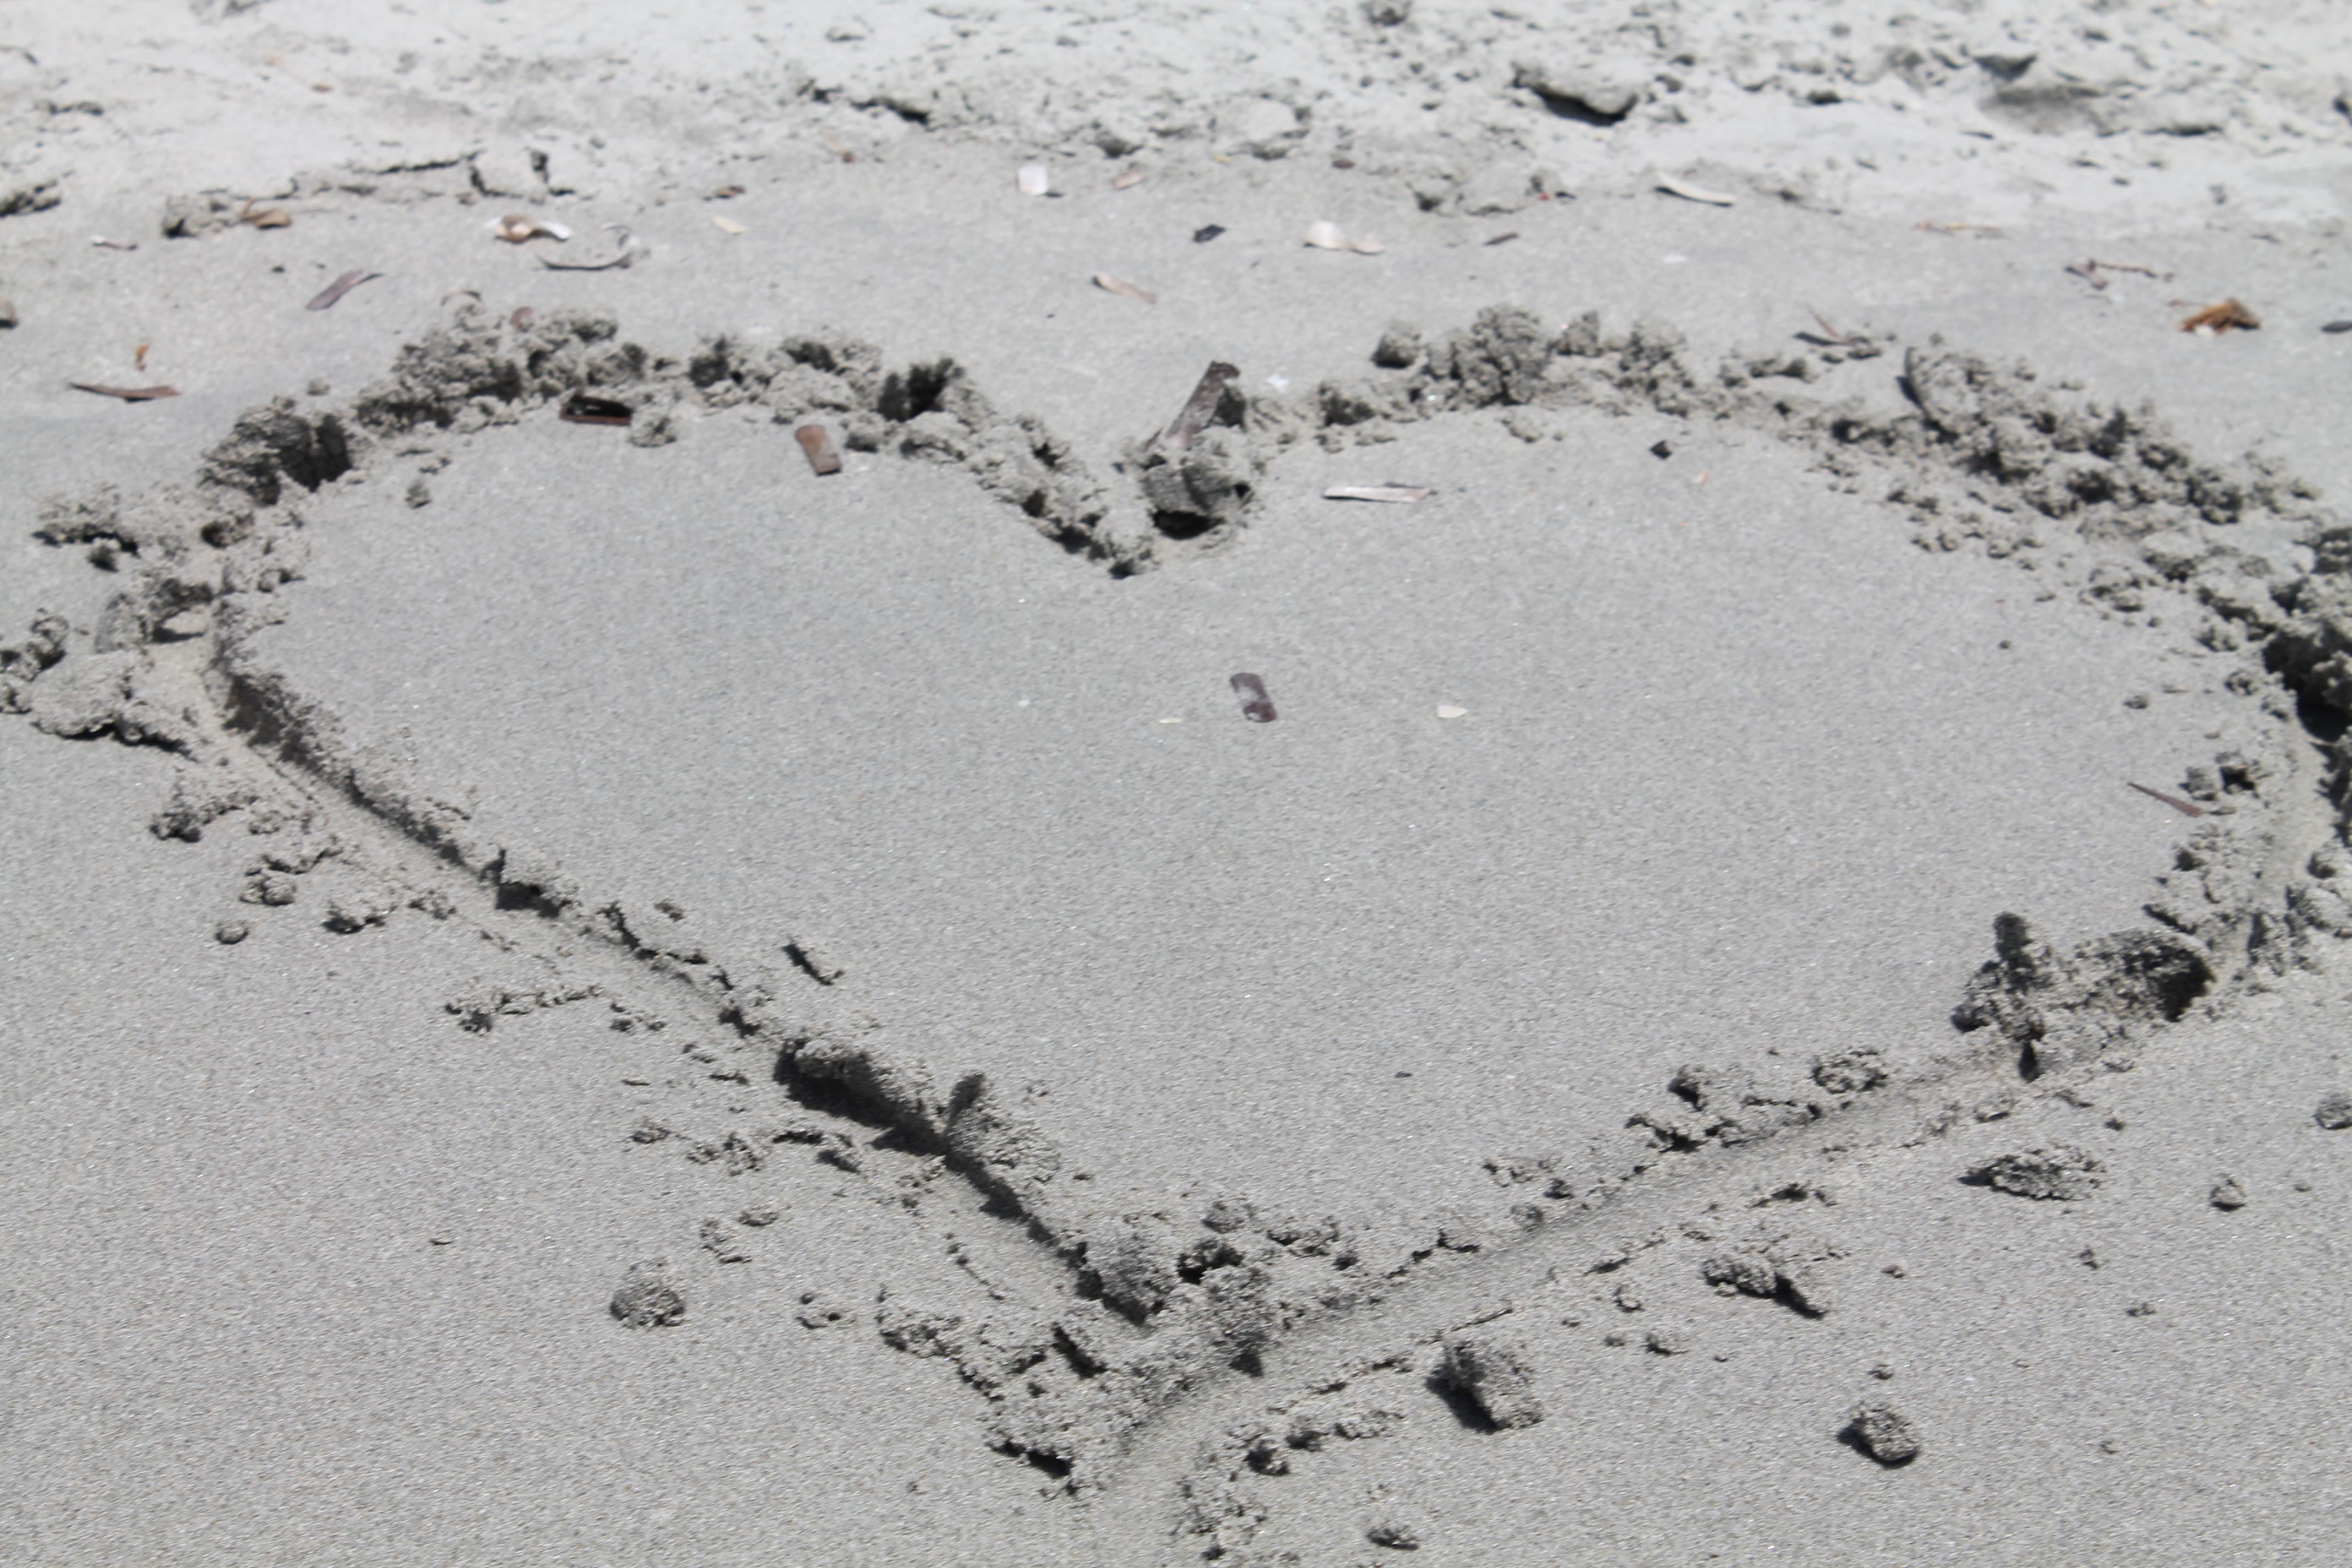 Spero tu abbia conosciuto l'amore